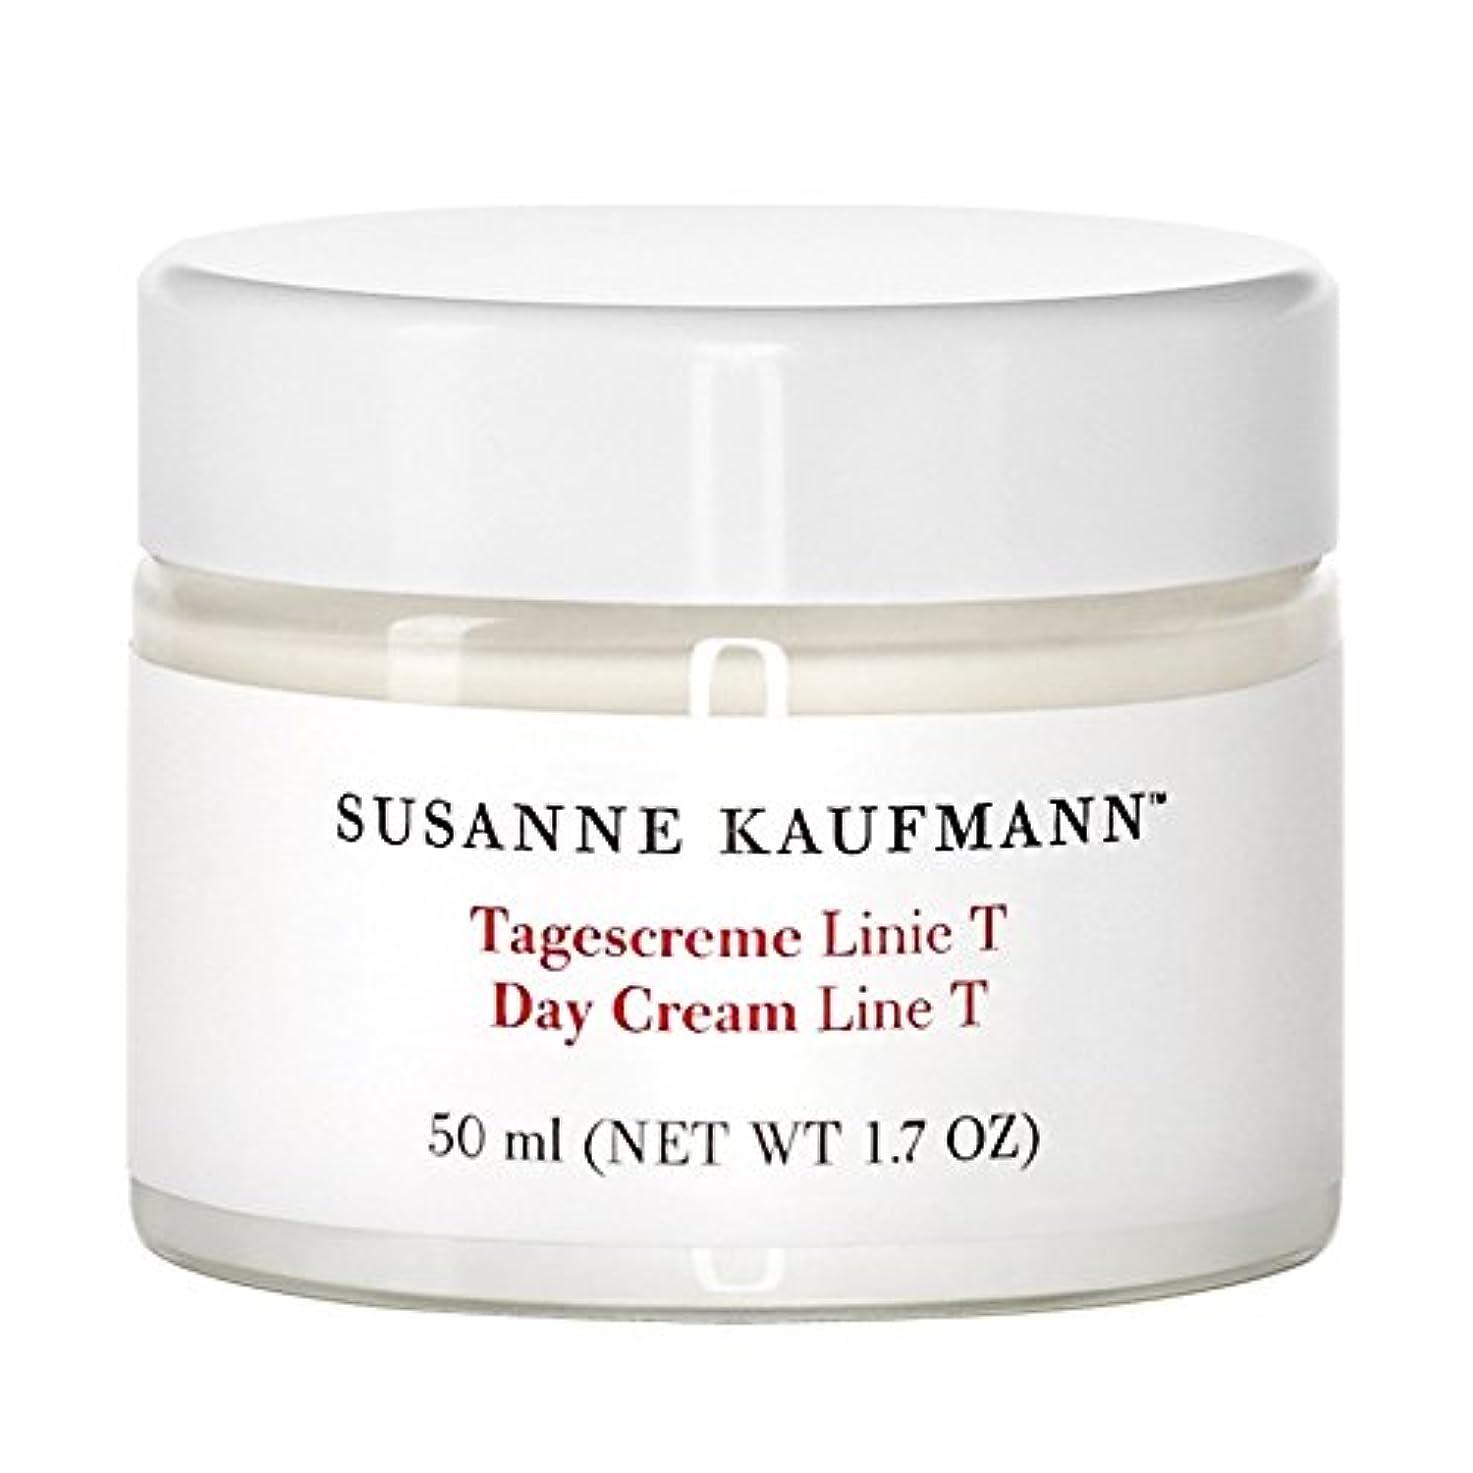 かけるビヨンアラブSusanne Kaufmann Day Cream Line T 50ml - スザンヌカウフマン日クリームライントンの50ミリリットル [並行輸入品]